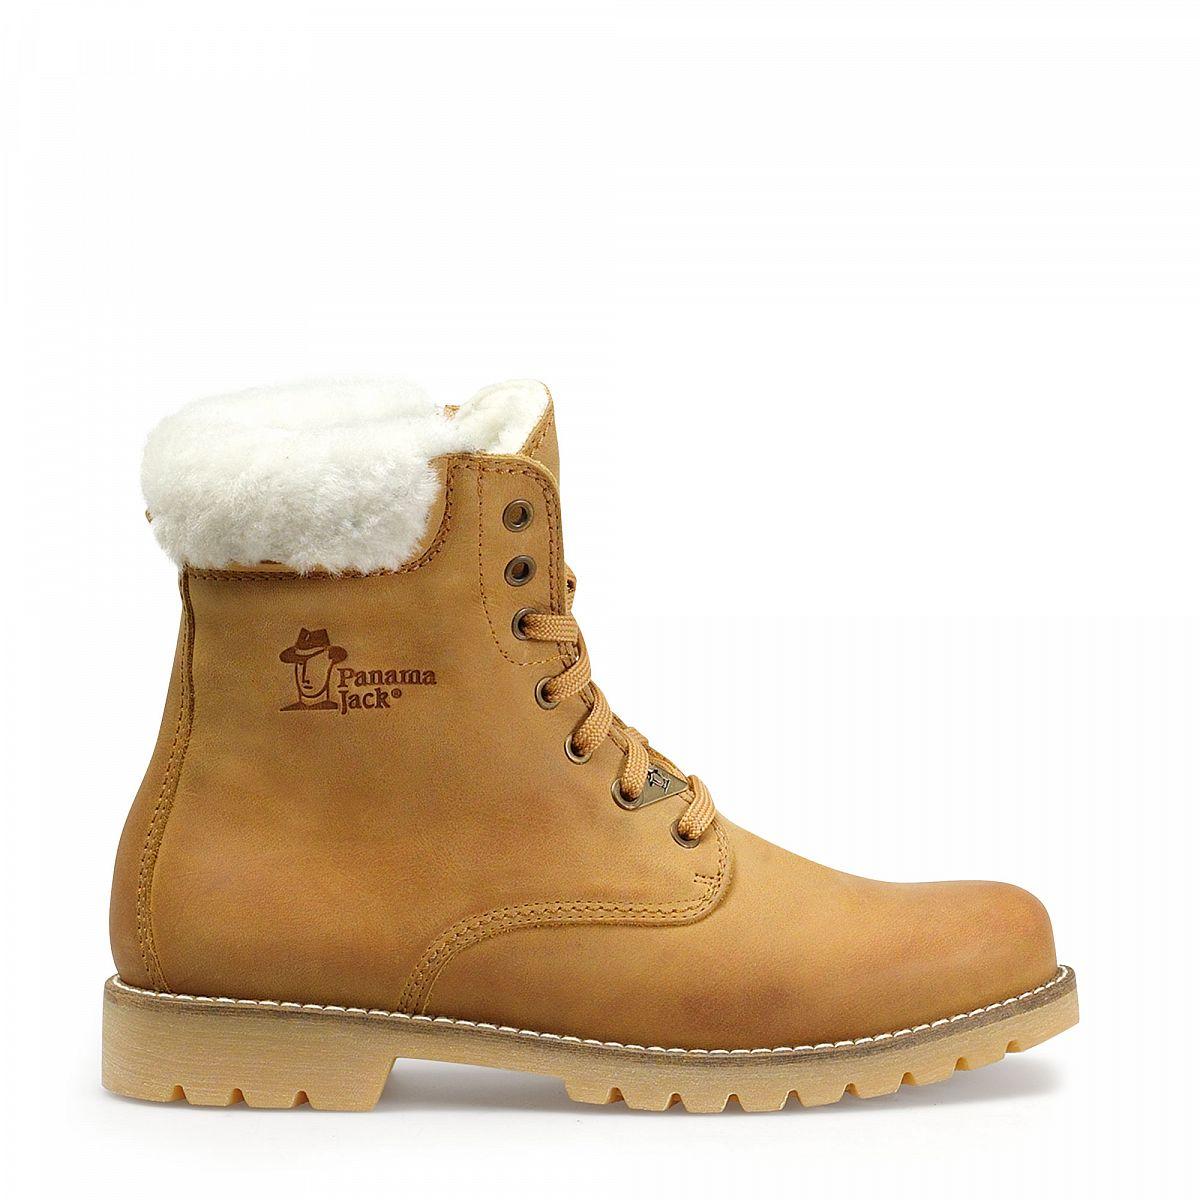 Mens boots panama 03 igloo vintage panama jack shop - Igloo vintage ...